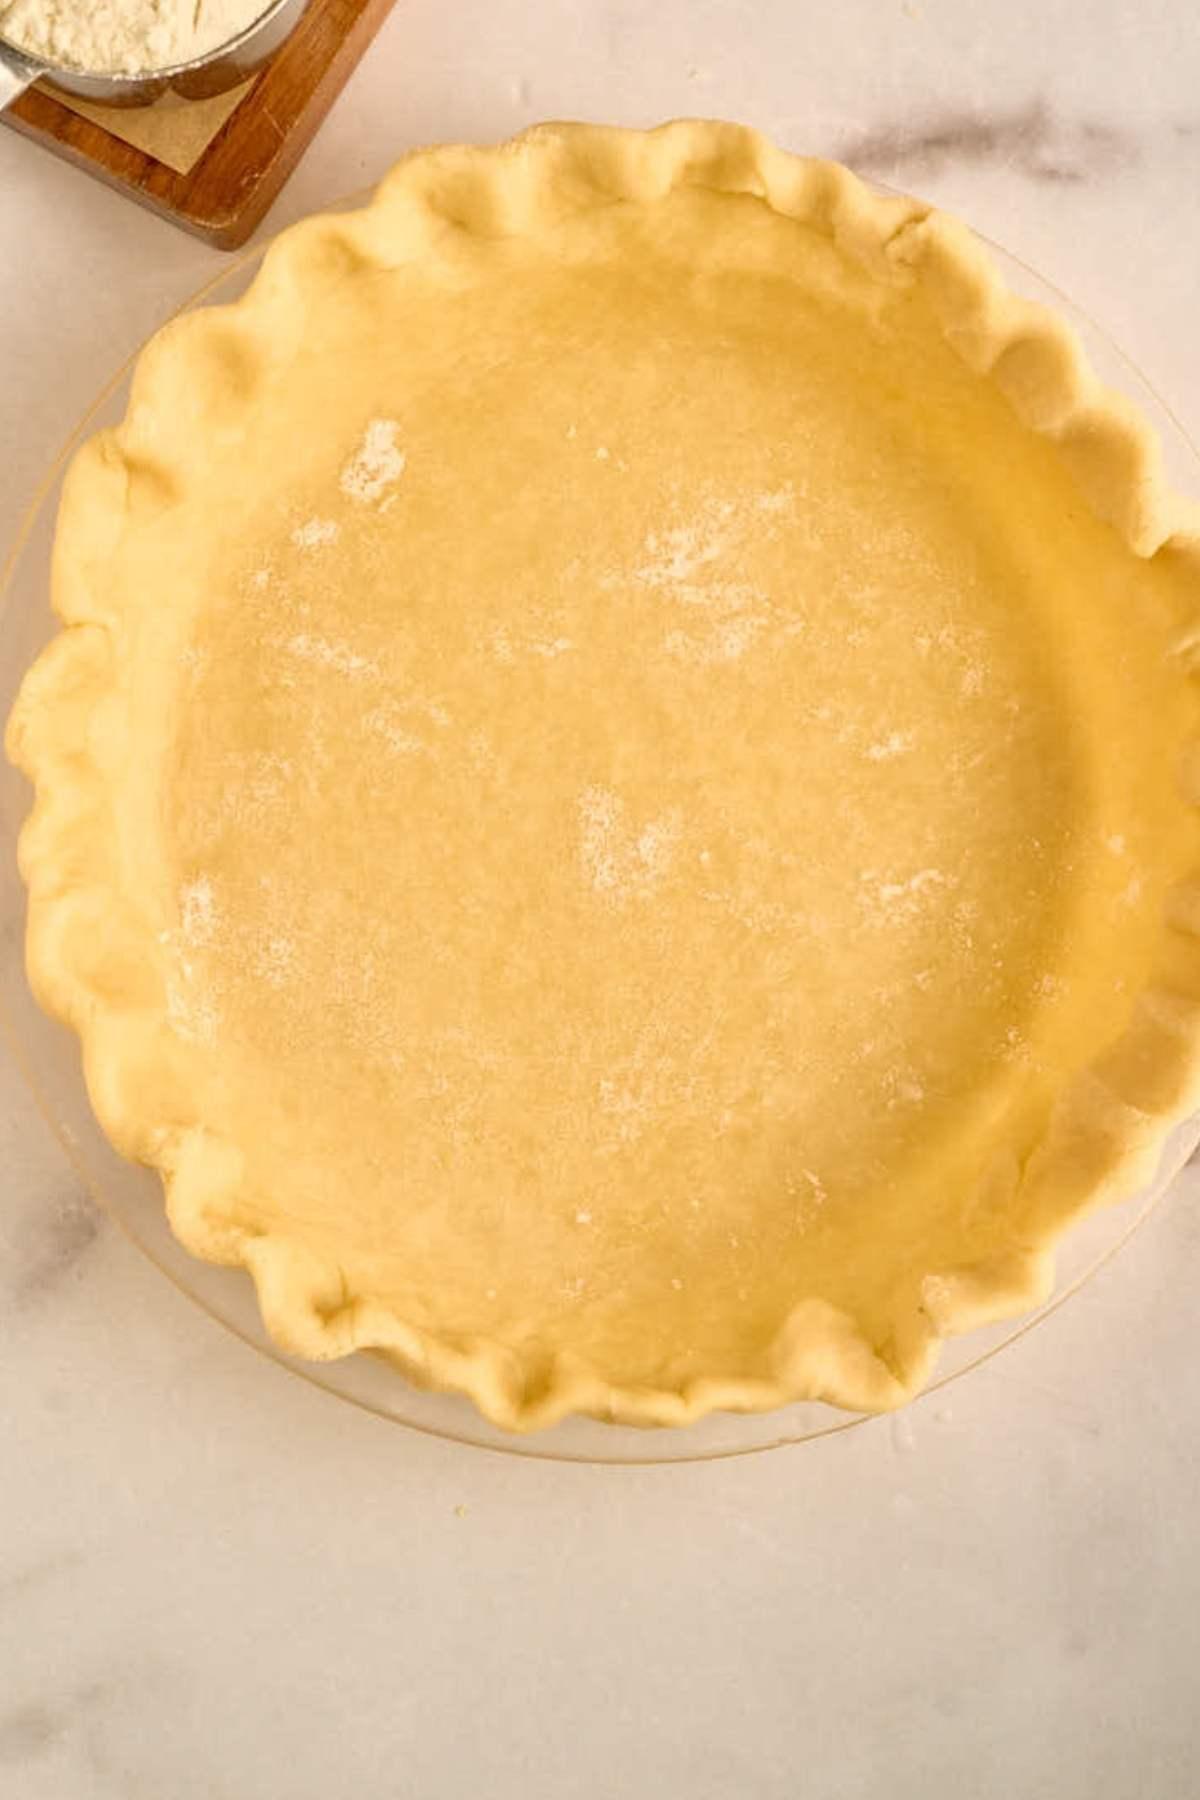 crimped edge pie crust in glass pie plate